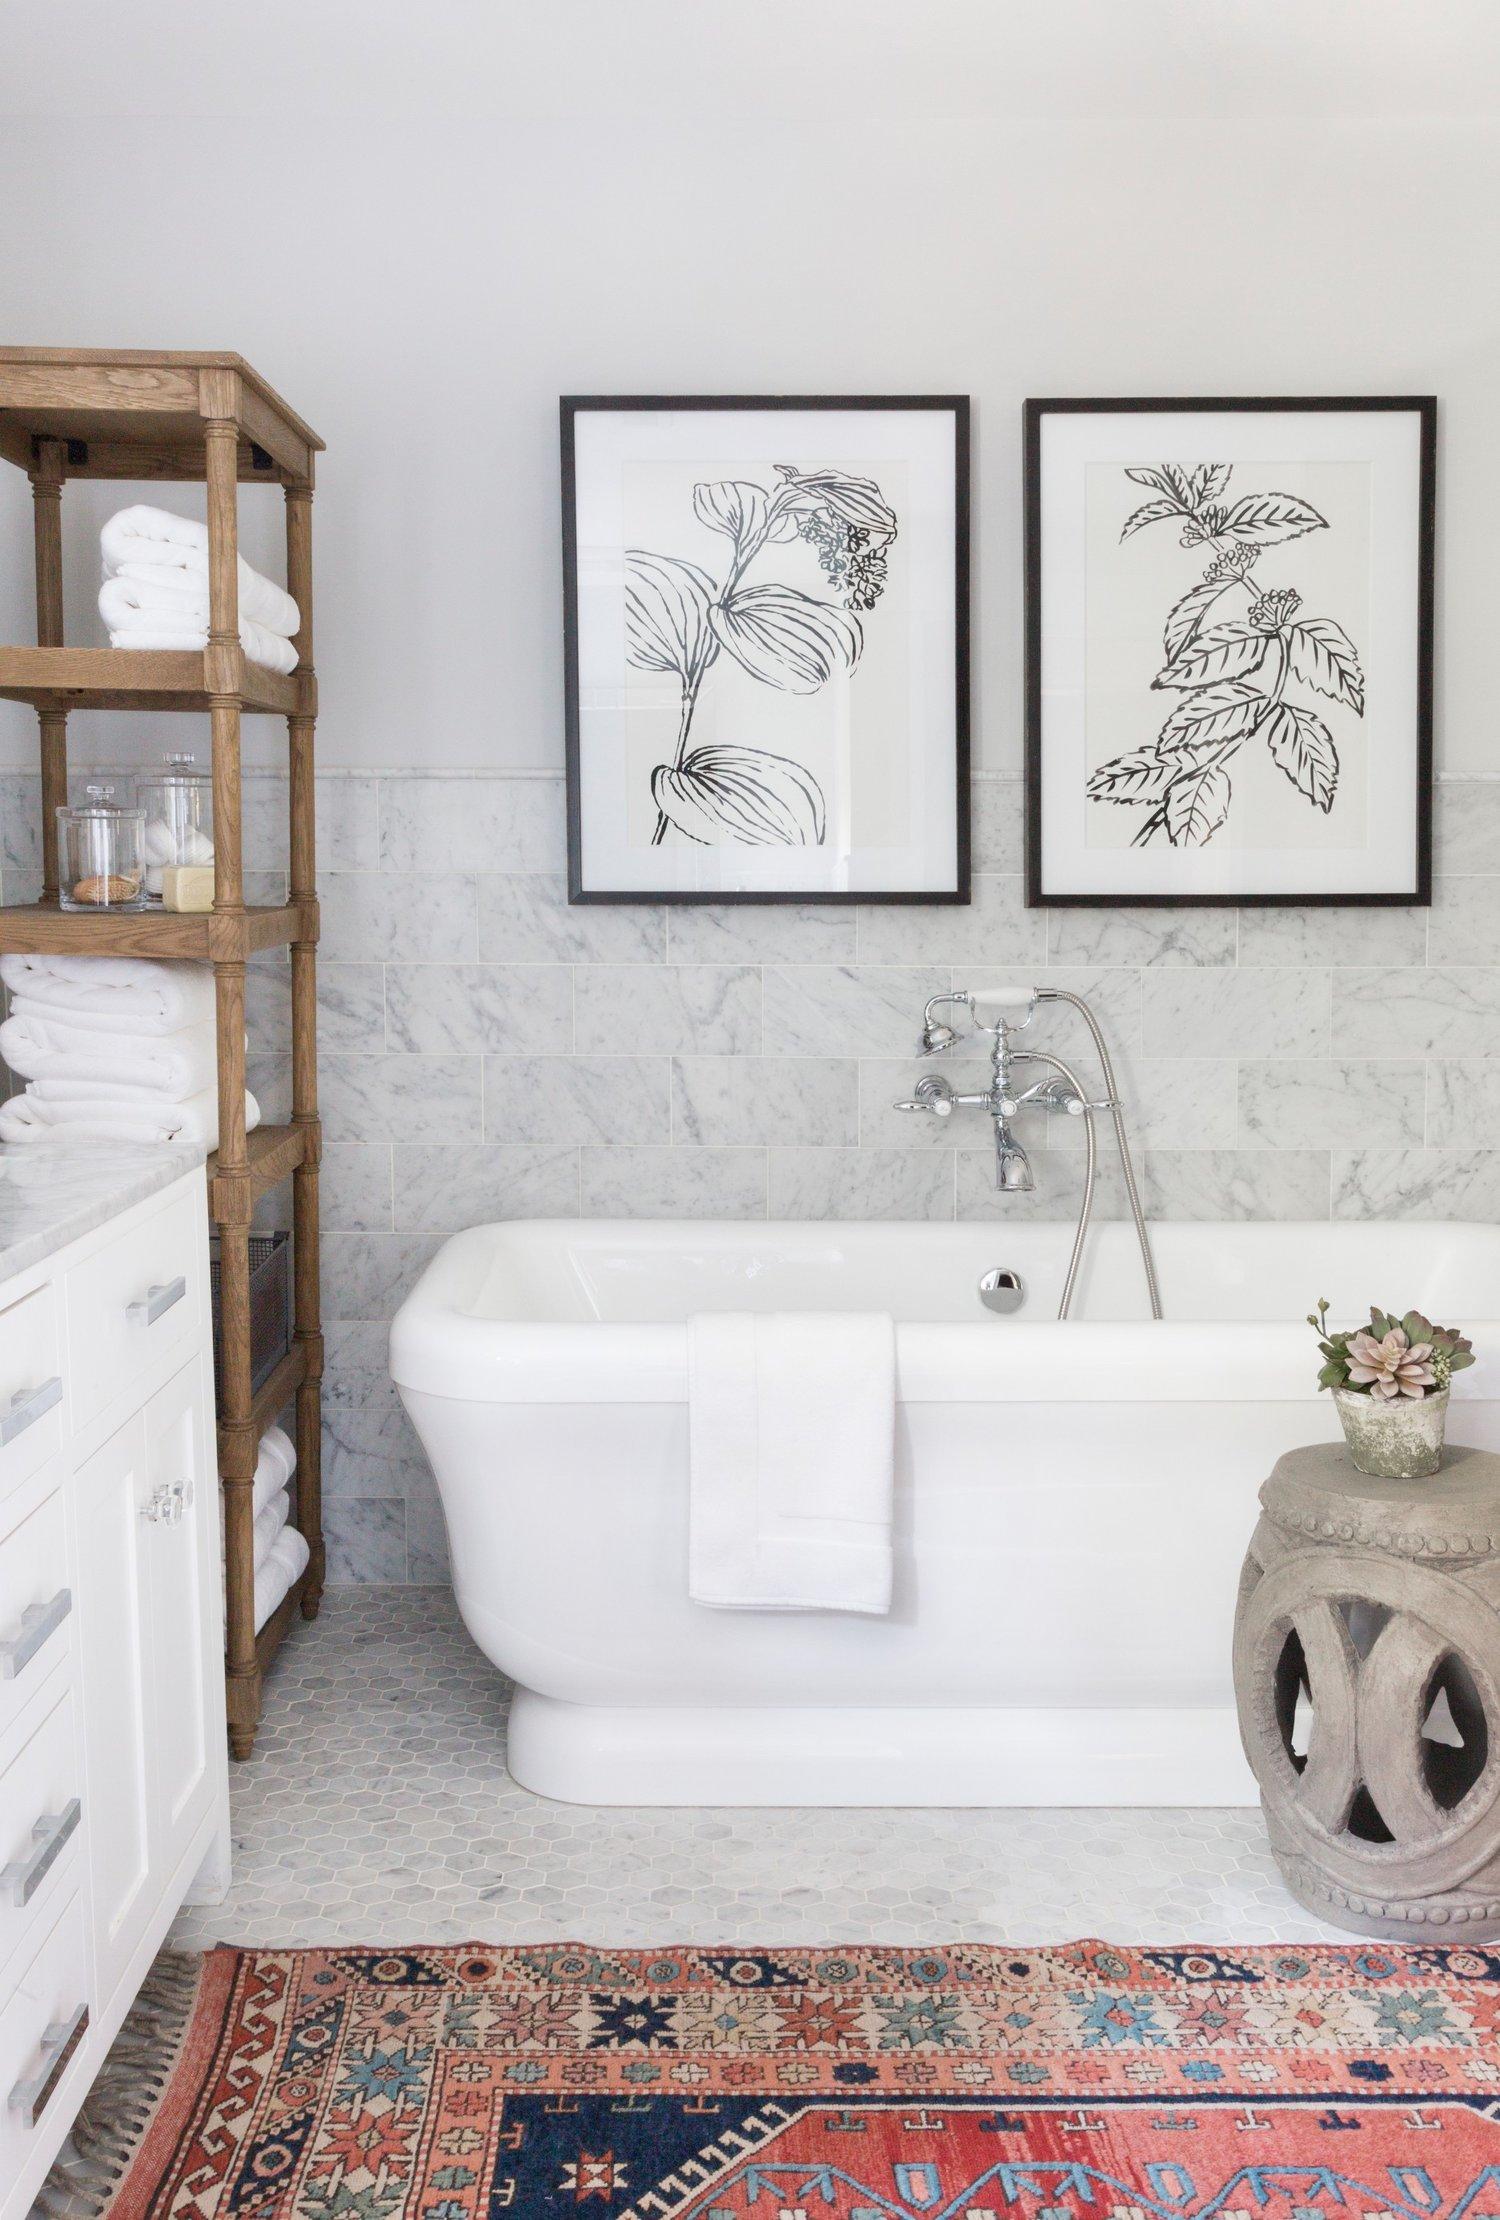 White porcelain tub in master bathroom